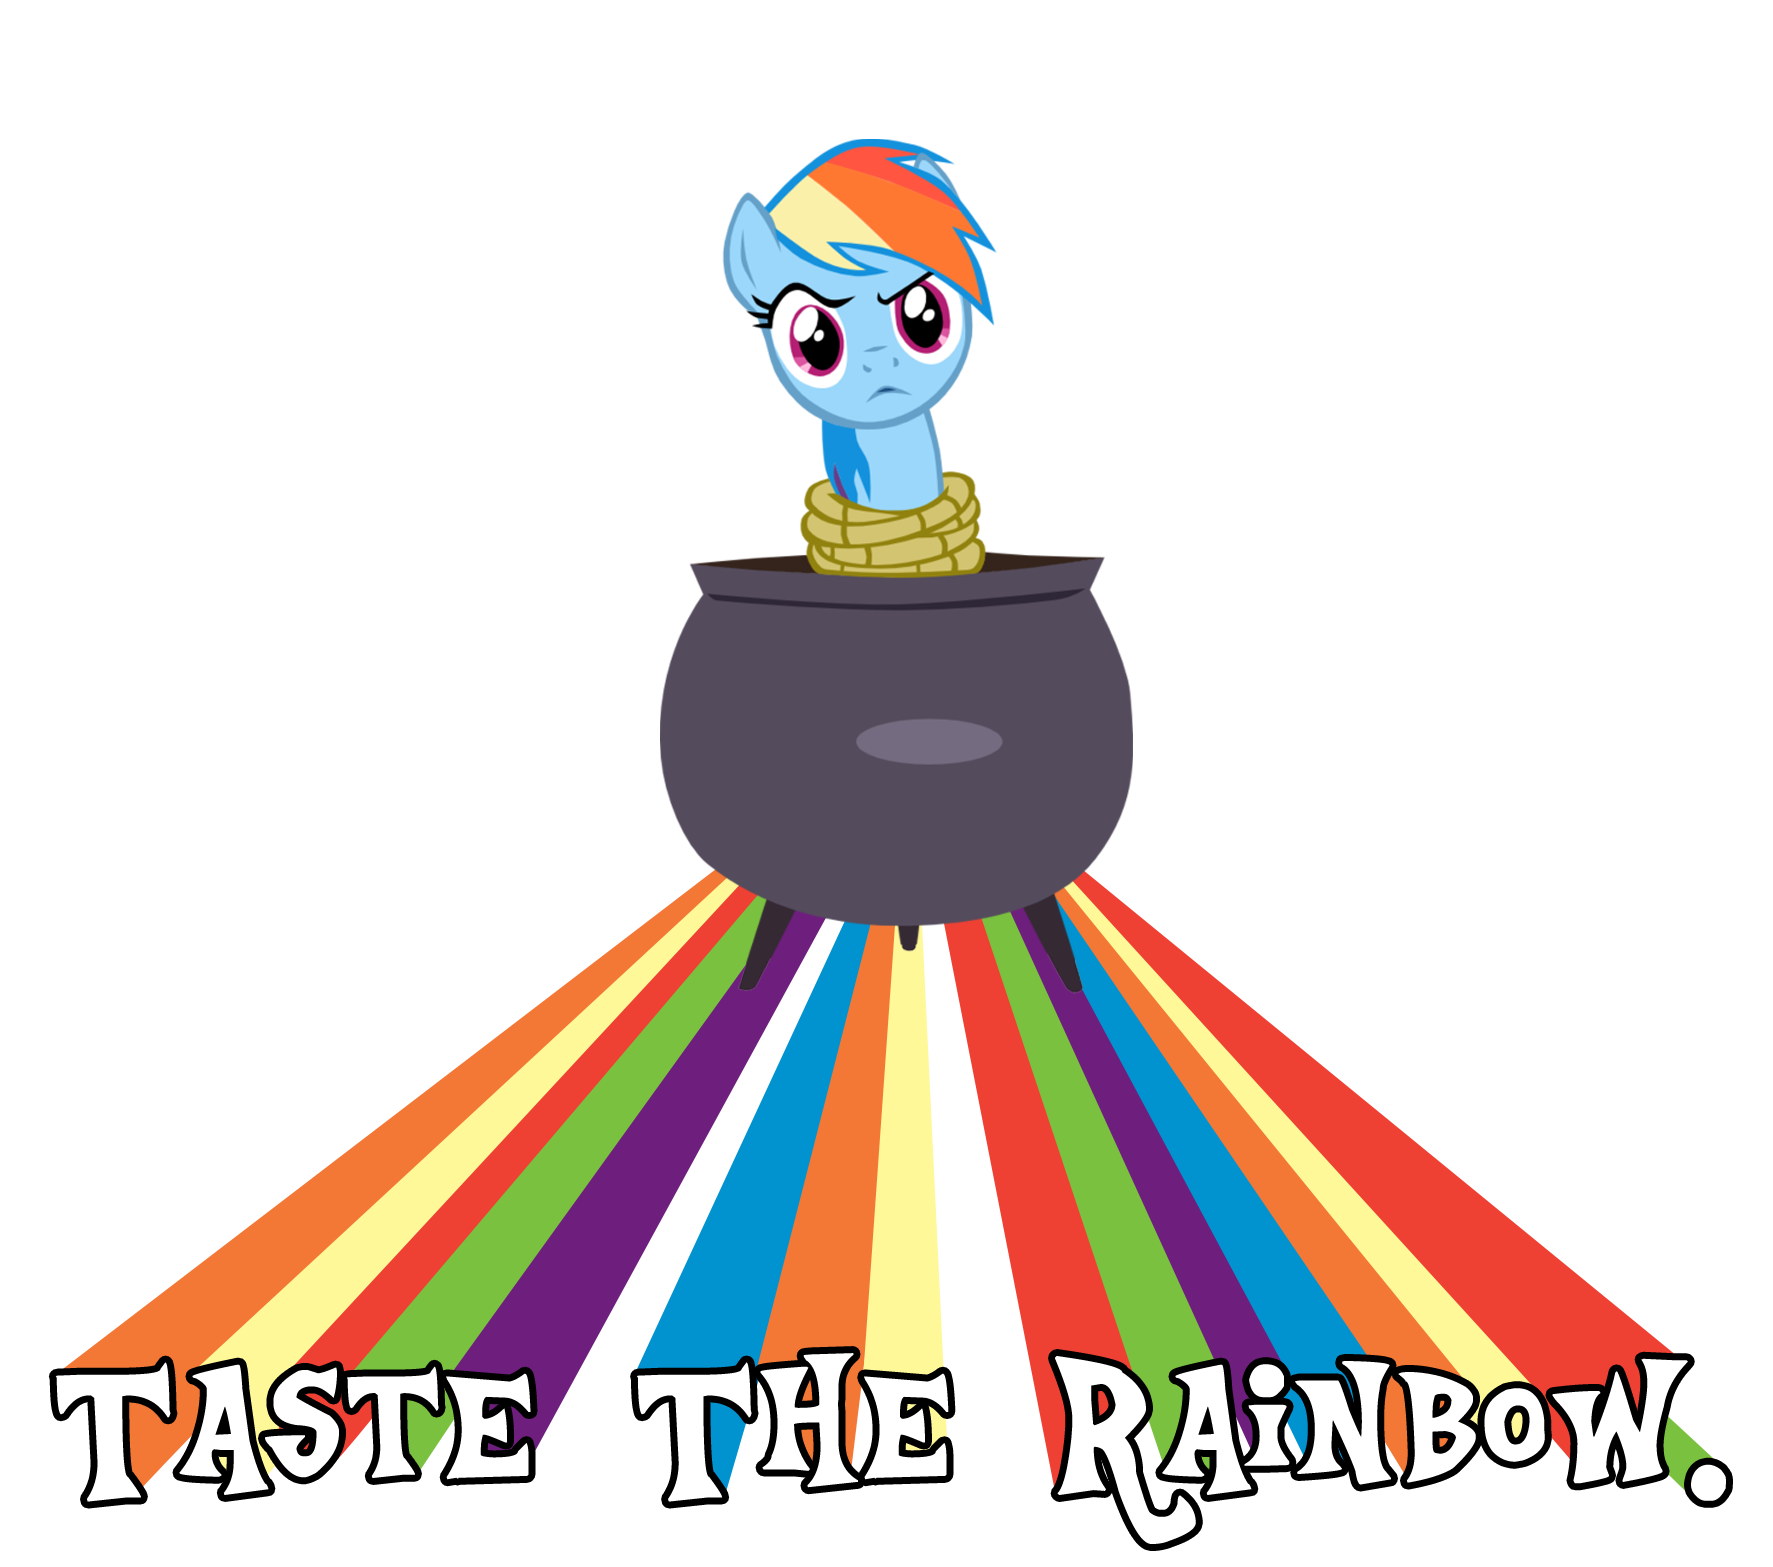 Taste clipart yuk. Image the rainbow motherfucker